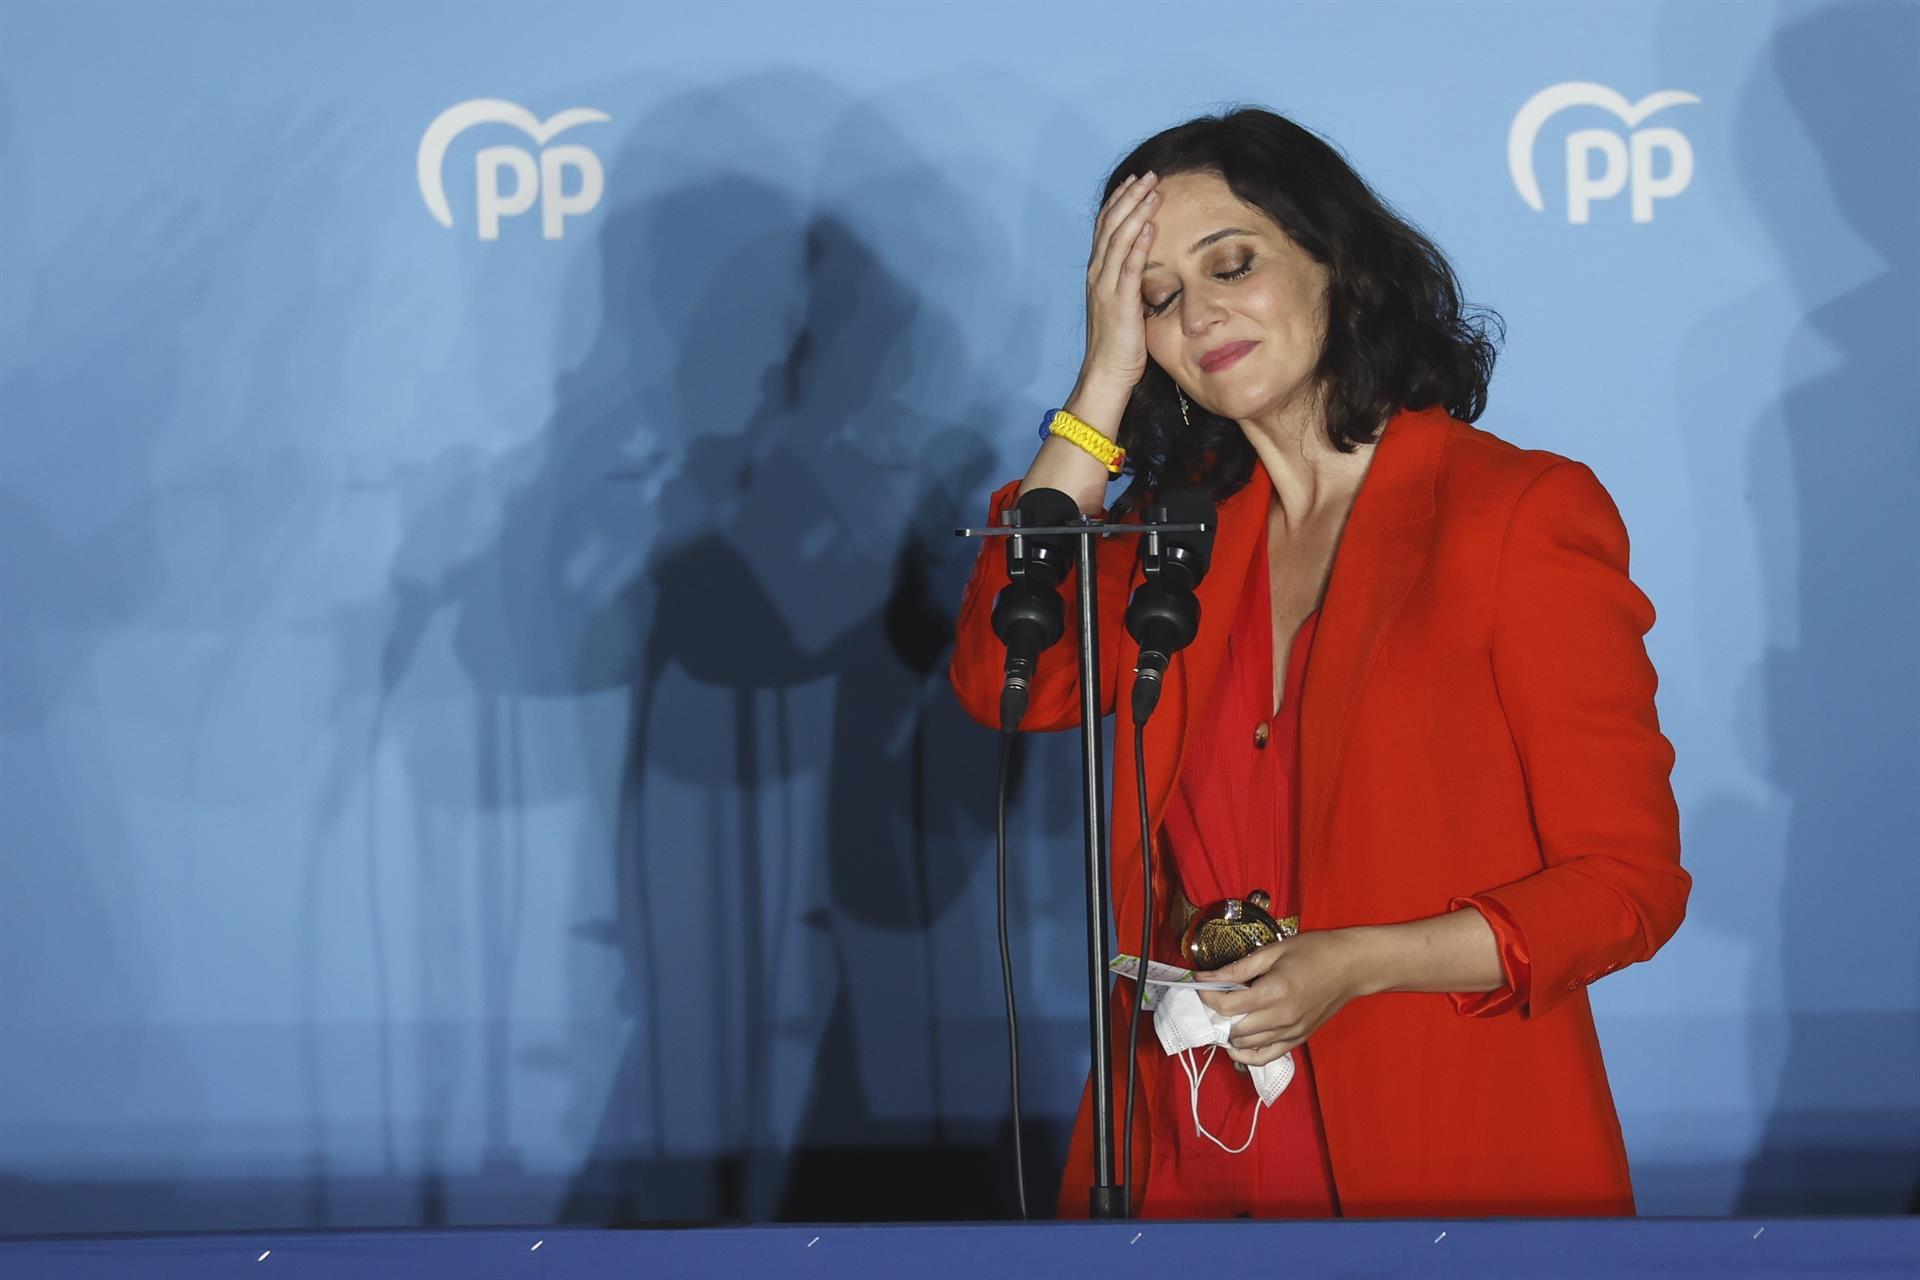 La presidenta de la Comunidad de Madrid y candidata por el Partido Popular a la reelección, Isabel Díaz Ayuso, en el balcón de la sede del partido en la calle Génova.- EFE